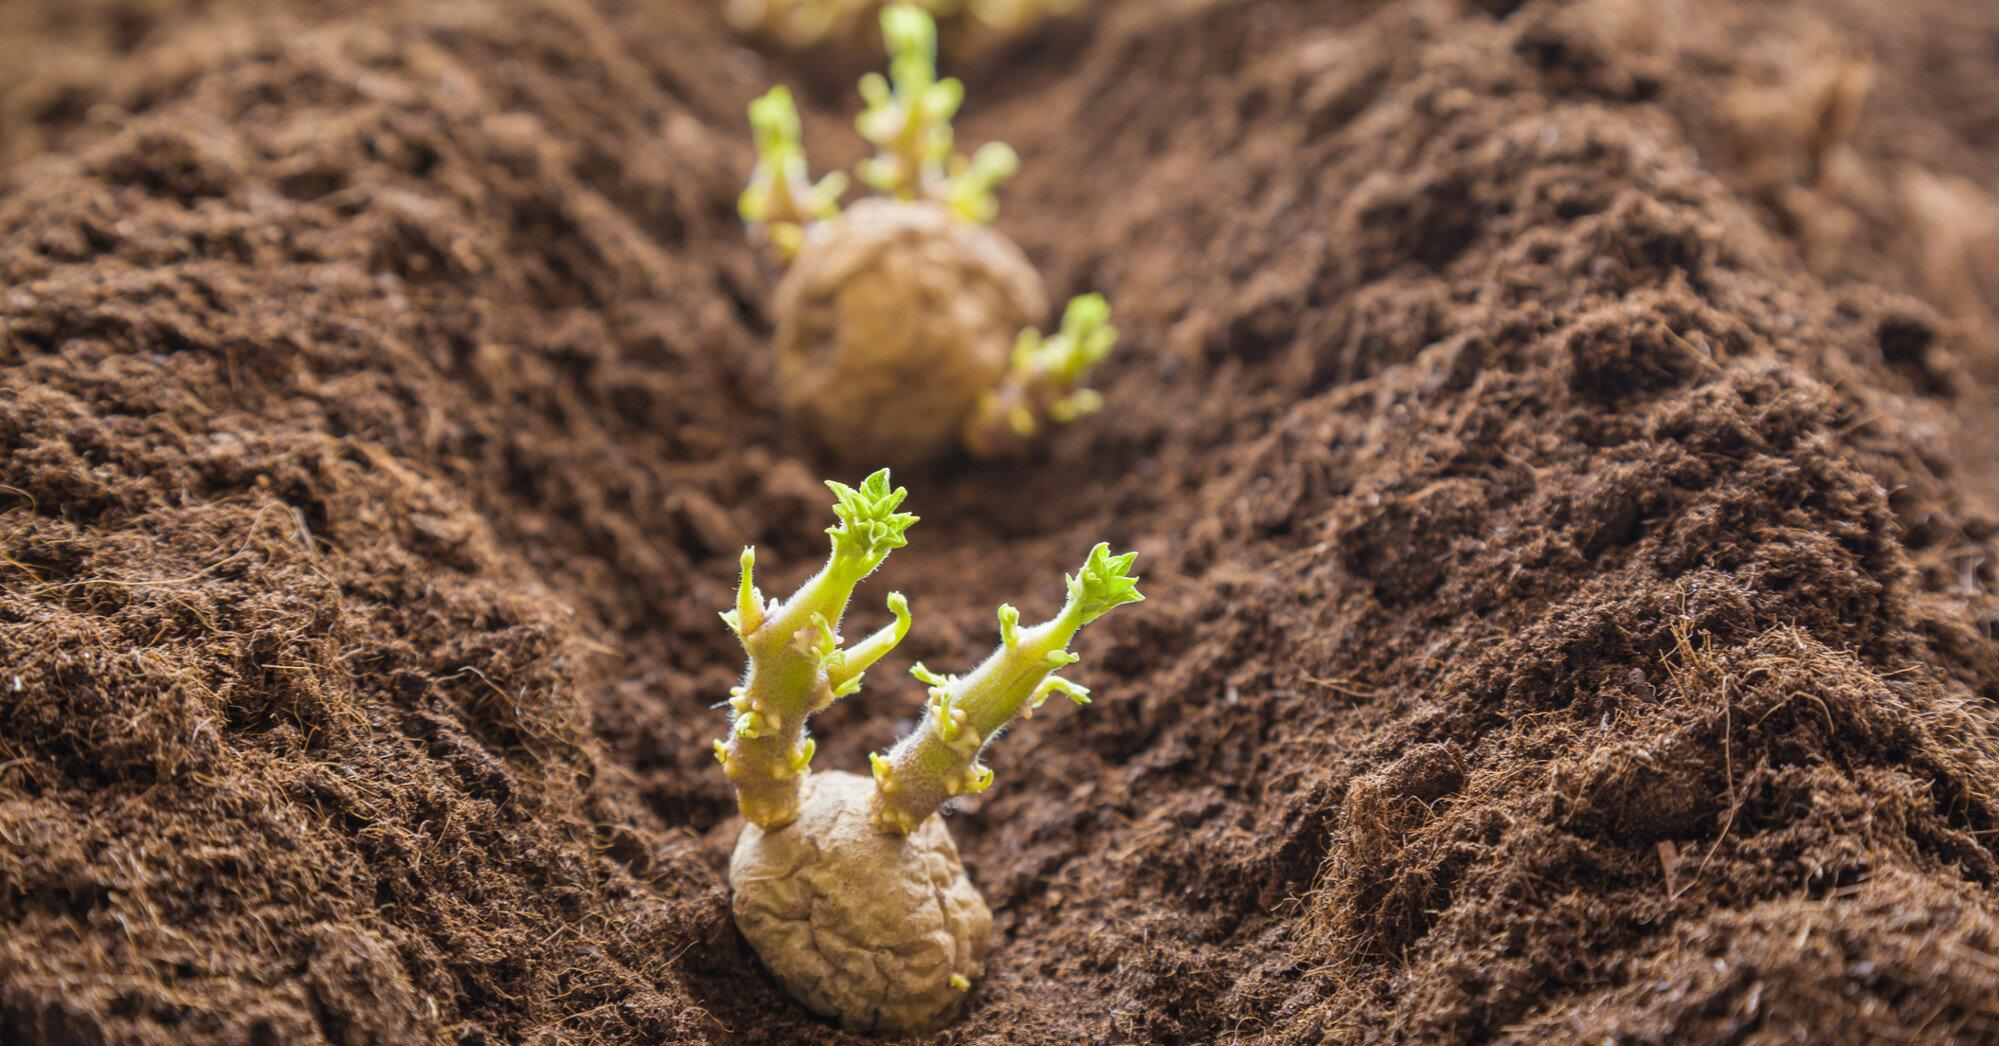 Під Маріуполем городник підірвався, саджаючи картоплю